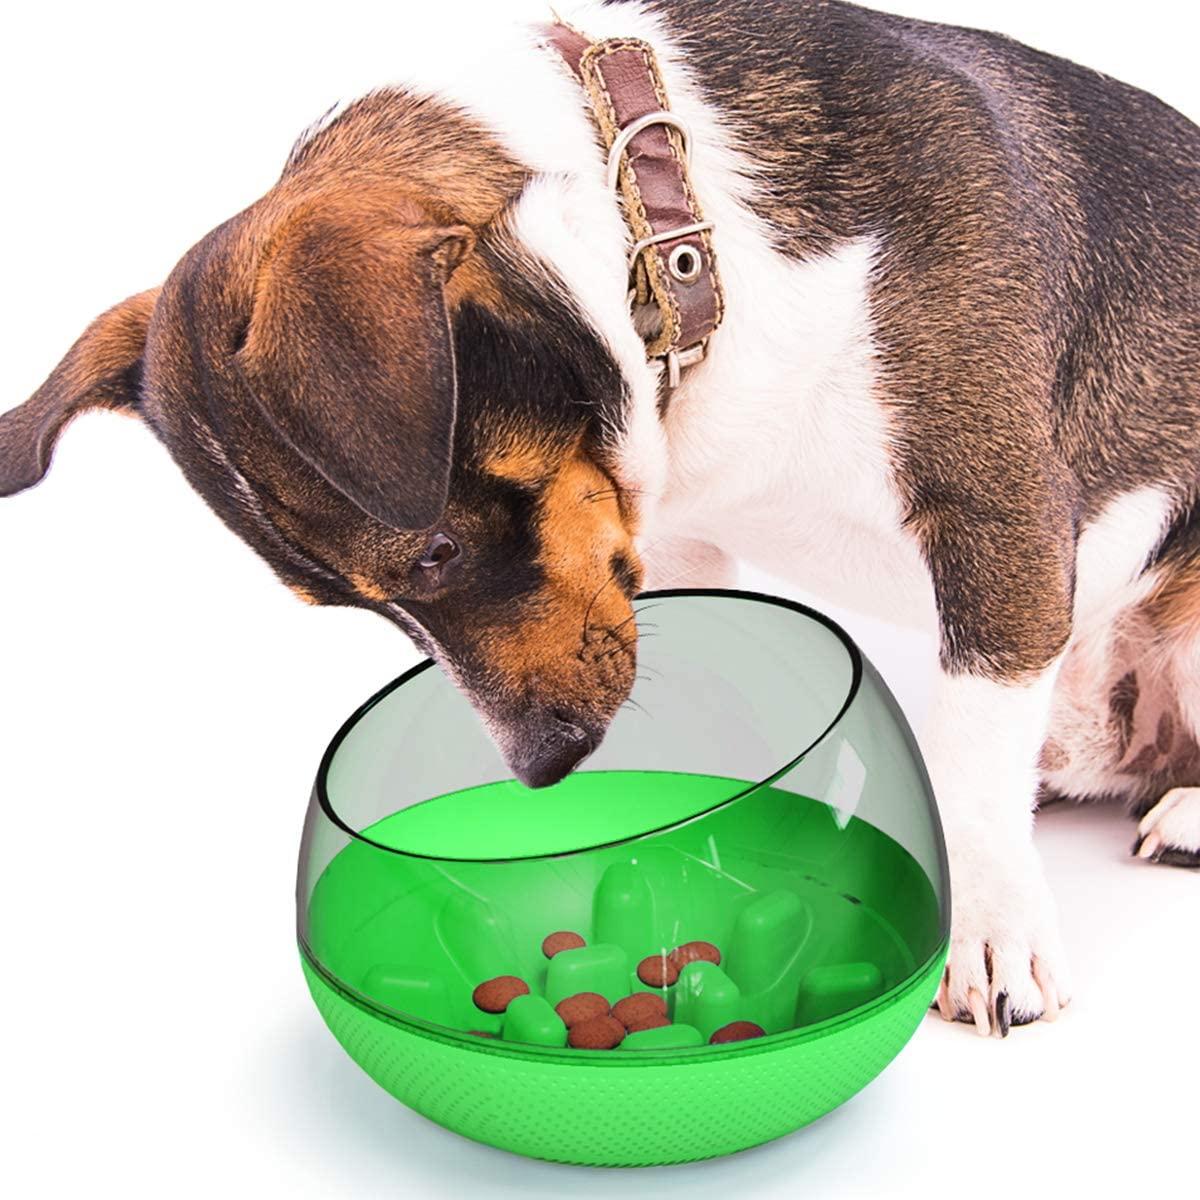 Xiaoai Pet Bowls Dog Bowls Slow Feeder, Fun Tumbler Feeder Dog Bowl Eco-Friendly Durable Non-Toxic